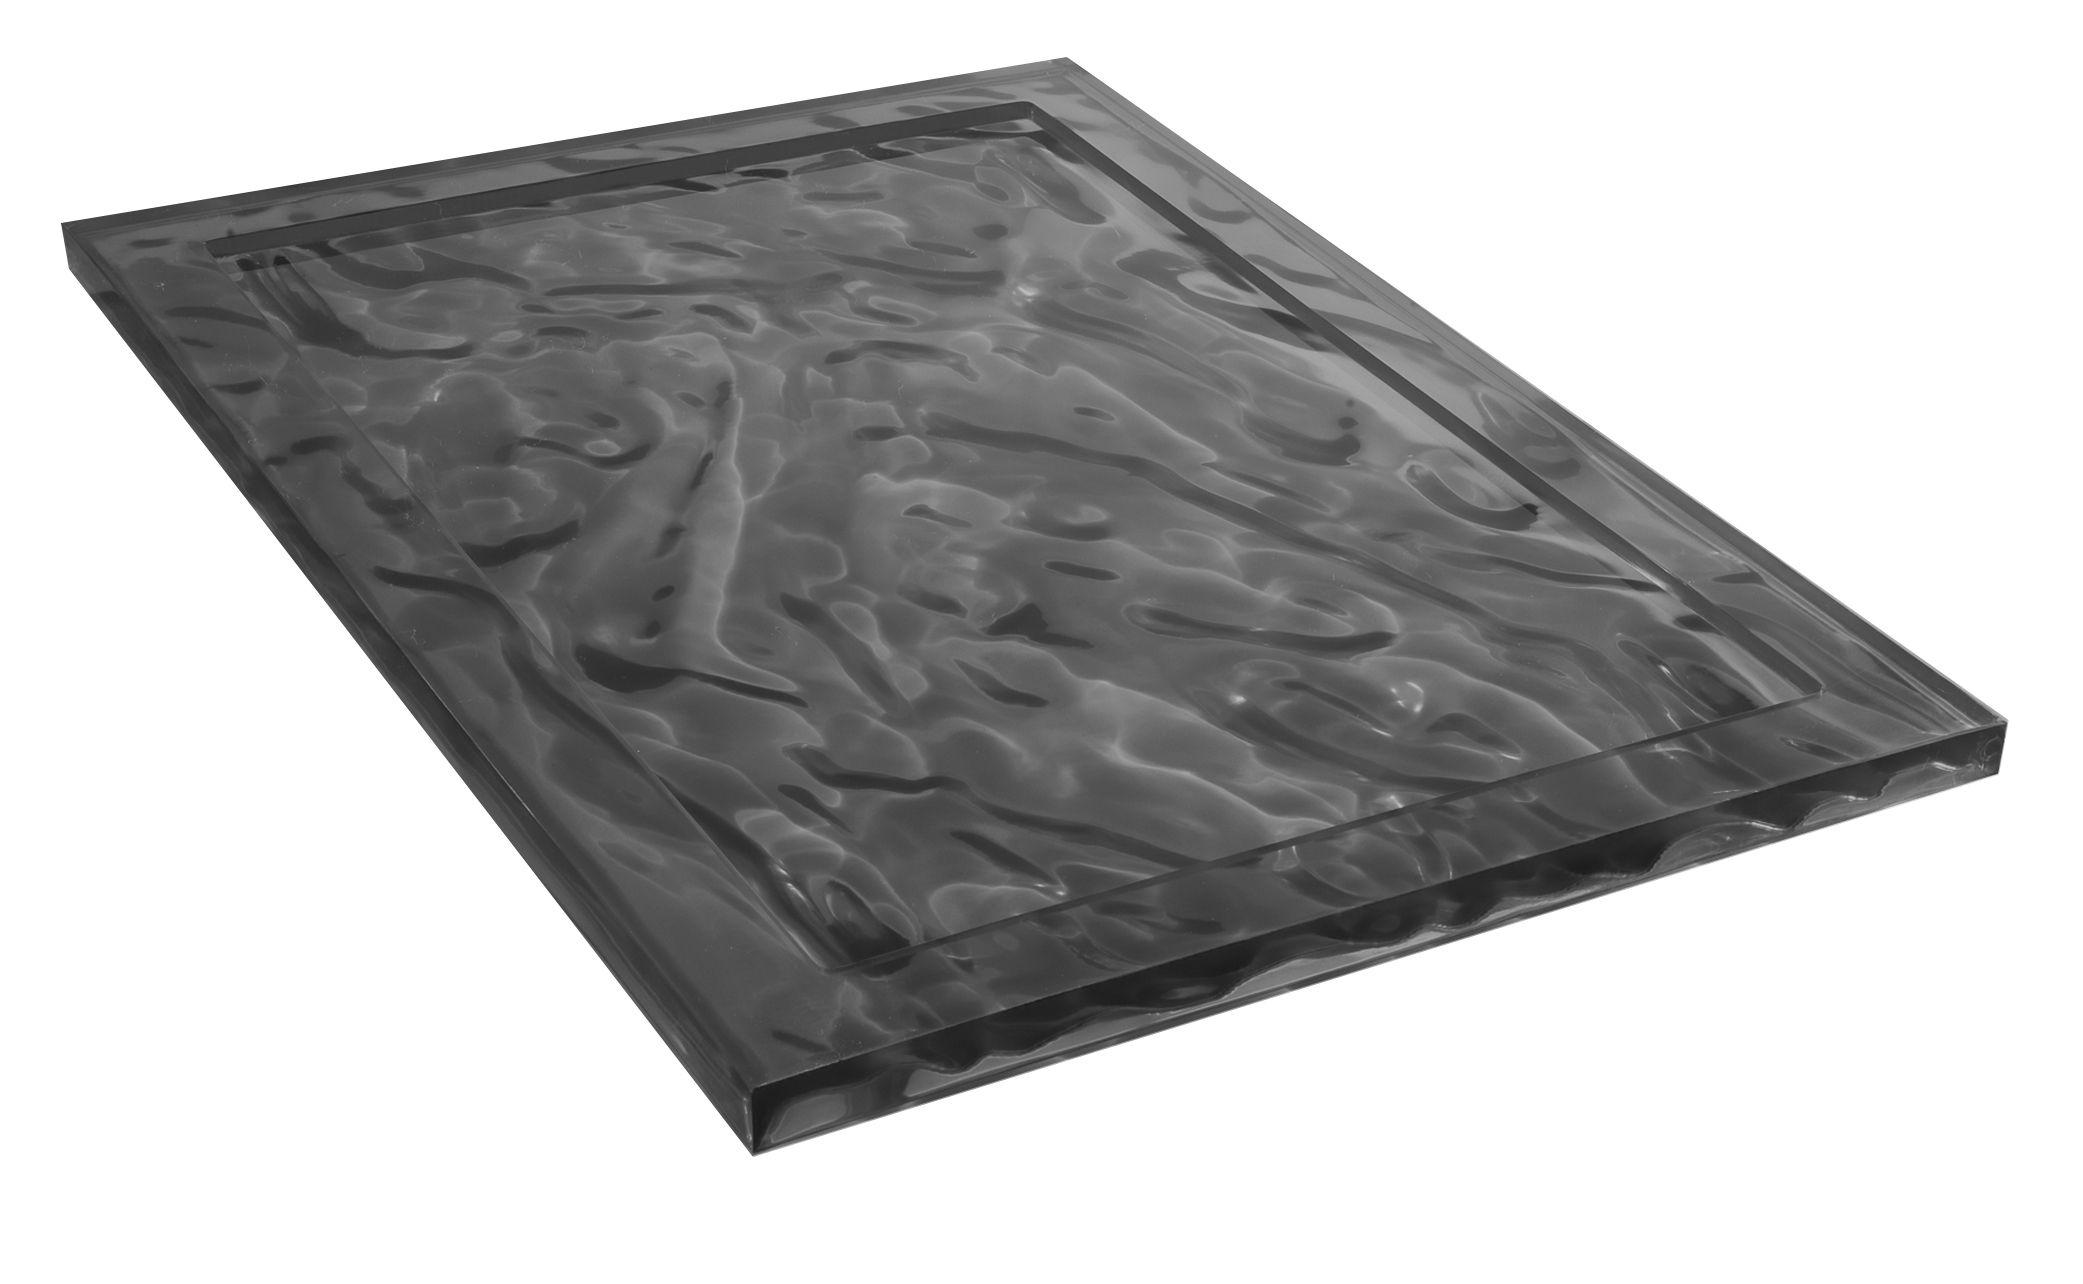 Tischkultur - Tabletts - Dune Large Tablett 55 x 38 cm - Kartell - Rauch - Technoplymer